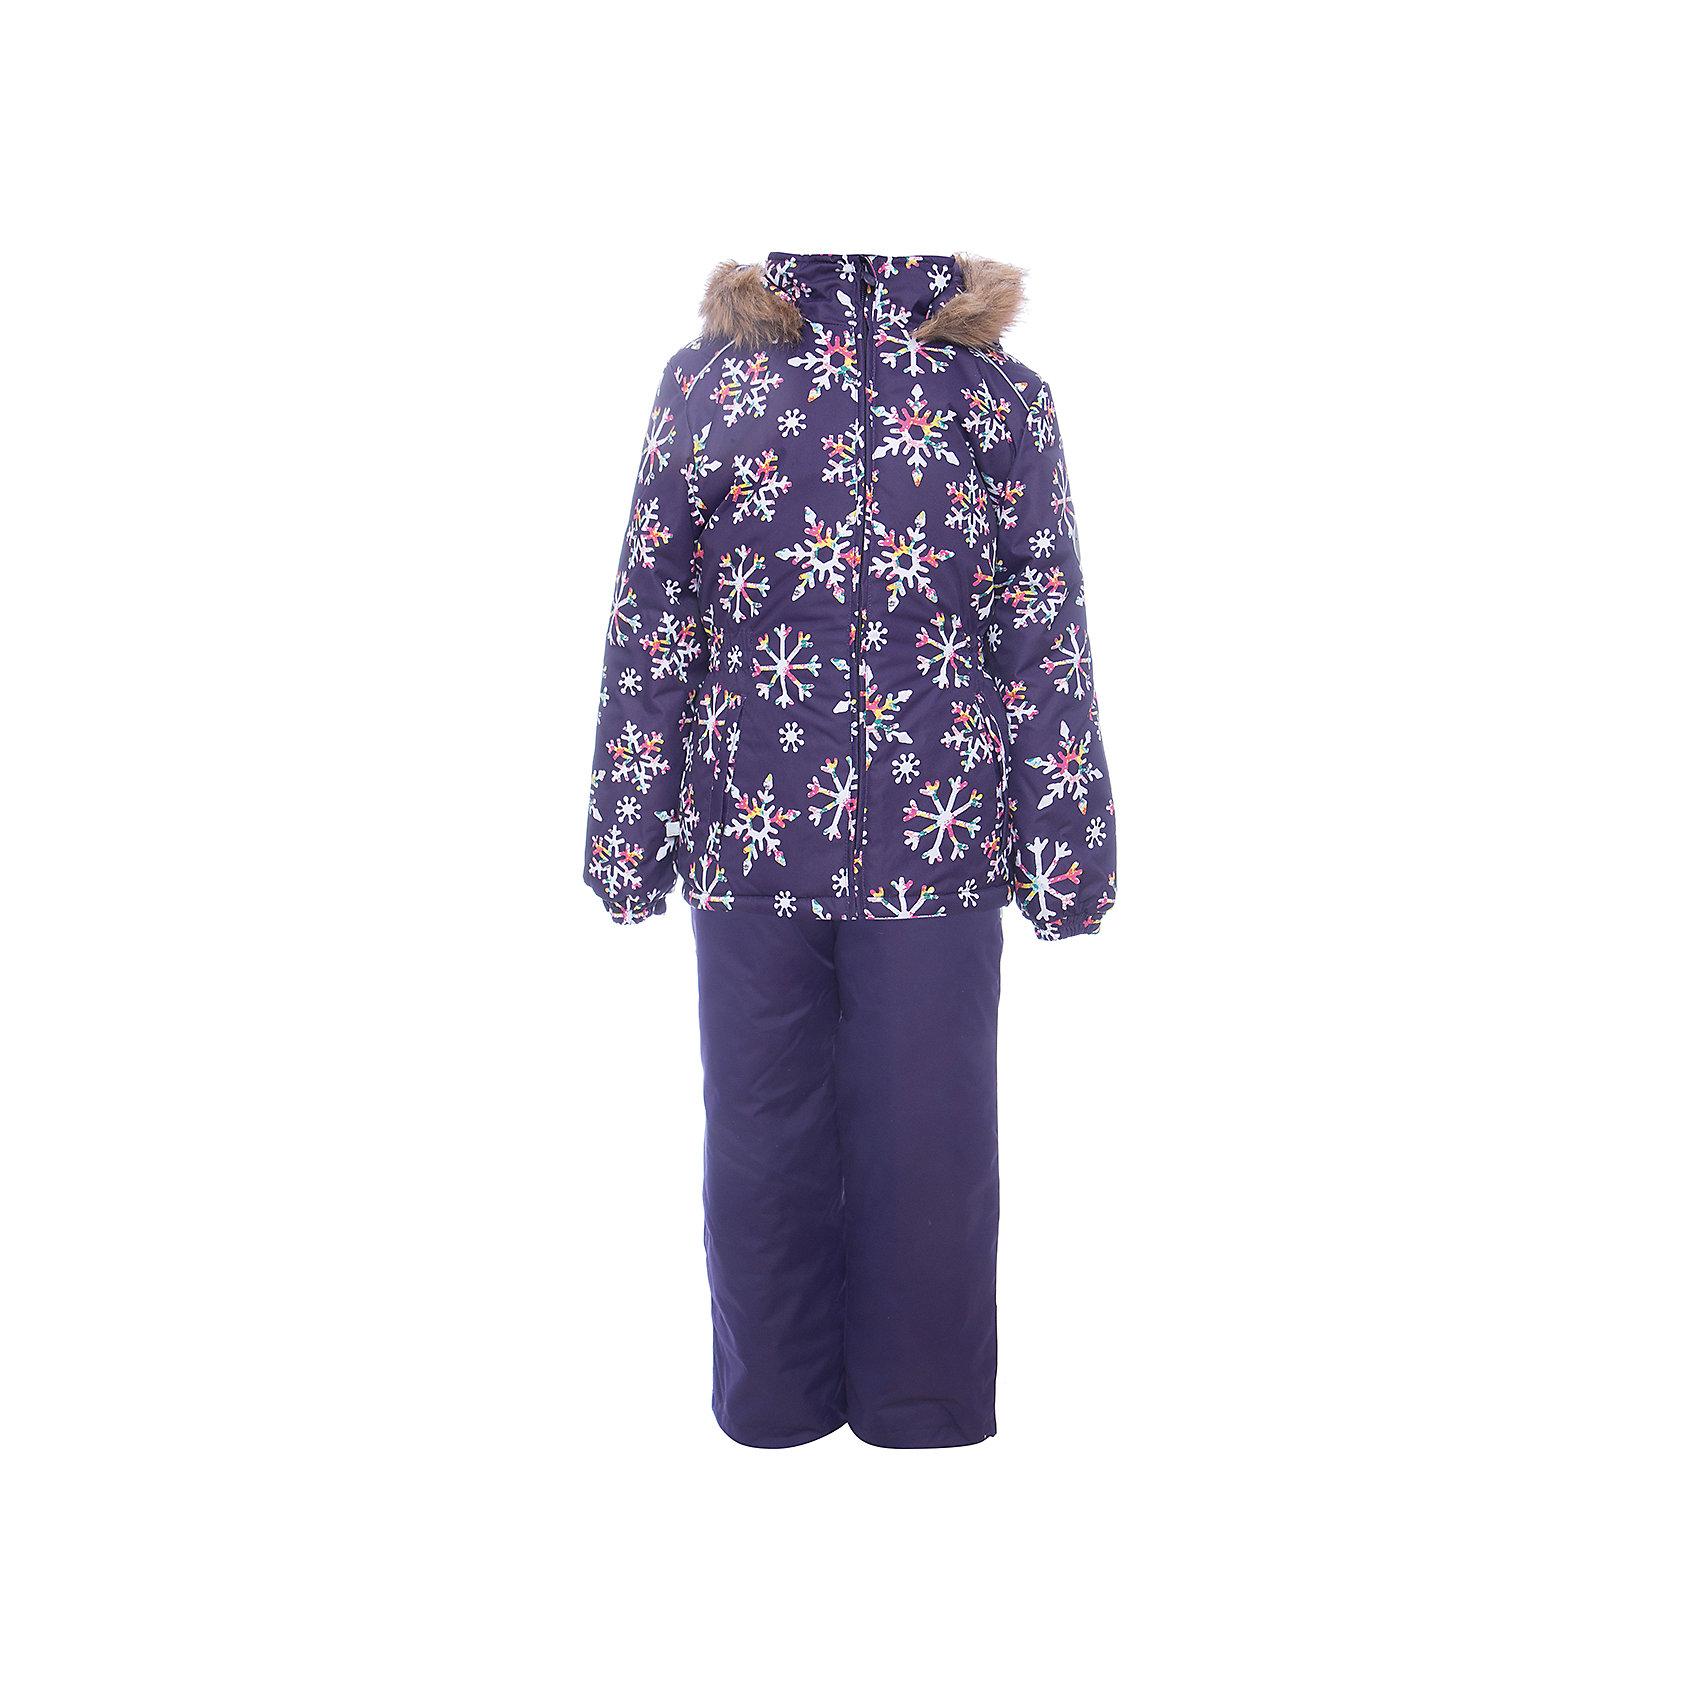 Комплект: куртка и брюки WONDER Huppa для девочкиКомплекты<br>Комплект для девочек WONDER.Водо и воздухонепроницаемость  10 000.Утеплитель 300 гр куртка/160 гр брюки.Подкладка тафта, флис 100% полиэстер.Отстегивающийся капюшон с мехом.Манжеты рукавов на резинке.Регулируемые низы.Внутренняя снегозащита брюк.Швы проклеены.Резиновые подтяжки.Имеются светоотражательные элементы.<br>Состав:<br>100% Полиэстер<br><br>Ширина мм: 356<br>Глубина мм: 10<br>Высота мм: 245<br>Вес г: 519<br>Цвет: лиловый<br>Возраст от месяцев: 108<br>Возраст до месяцев: 120<br>Пол: Женский<br>Возраст: Детский<br>Размер: 140,110,92,98,104,116,122,128,134<br>SKU: 7027128